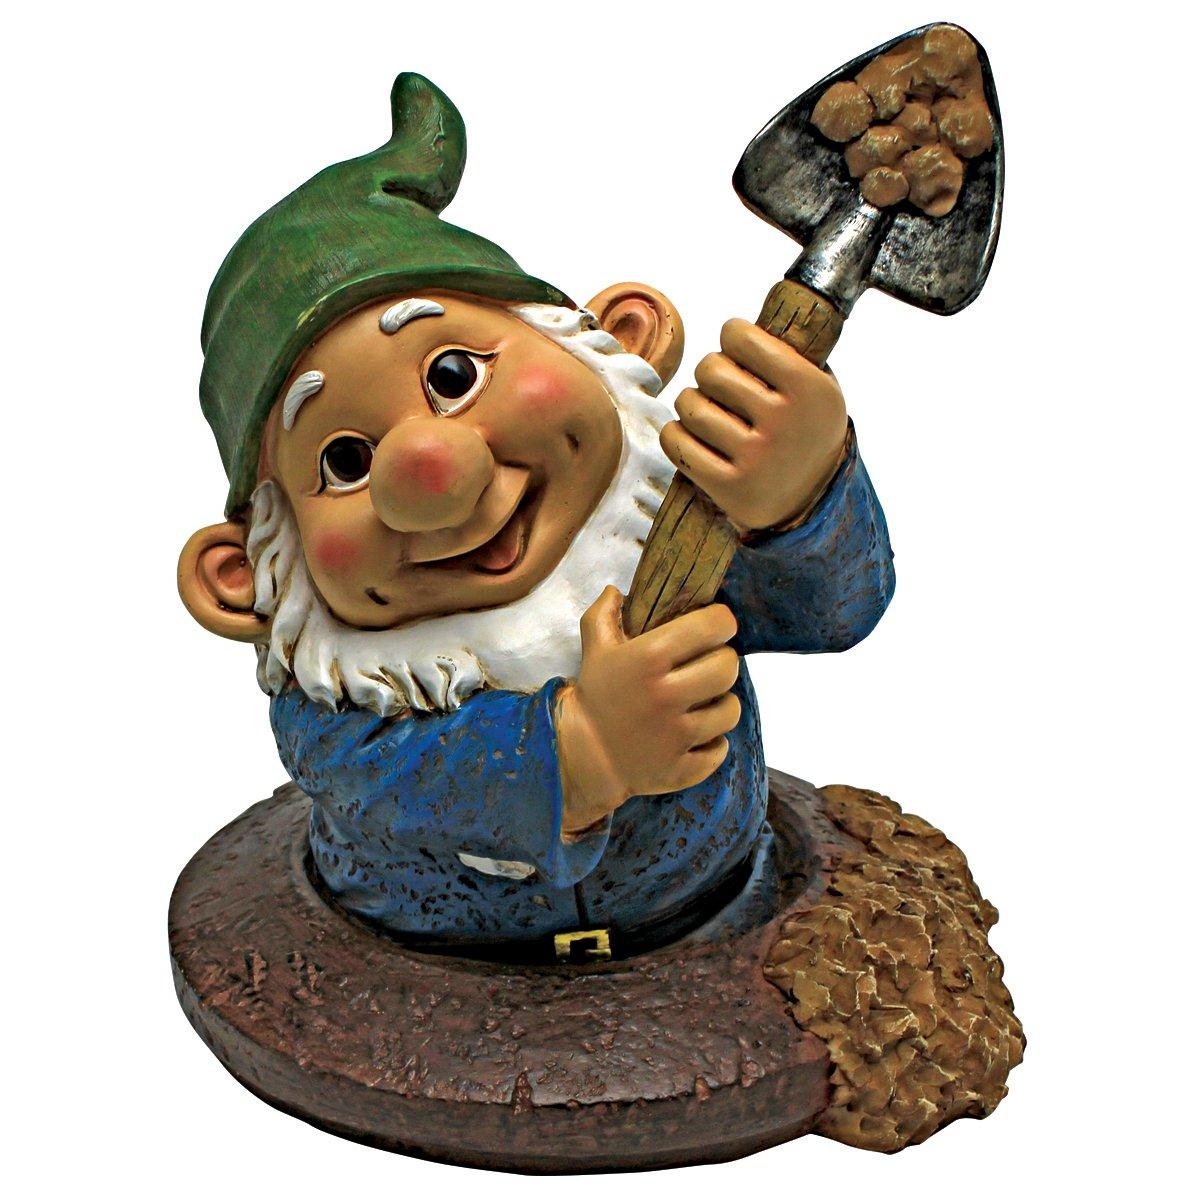 Design Toscano Garden GNOME Statue - Spalare Sam GNOME-in-A-Hole - Outdoor Garden Gnomes - Statue Divertente Prato GNOME QM2469600